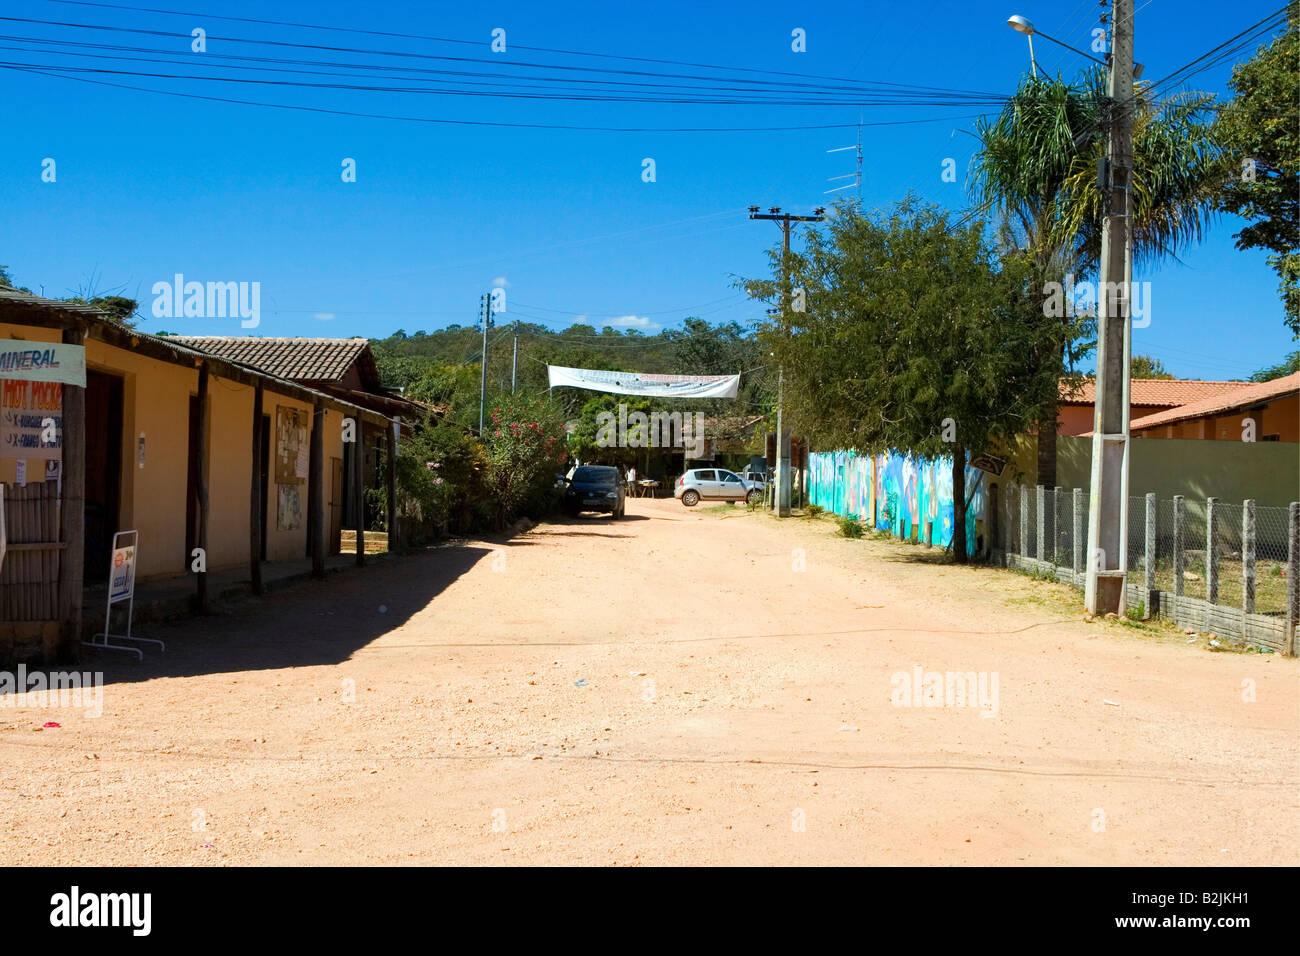 Povoado de São Jorge, Street Scene, Chapada dos Veadeiros, Goiás, Brazil, South America Stock Photo